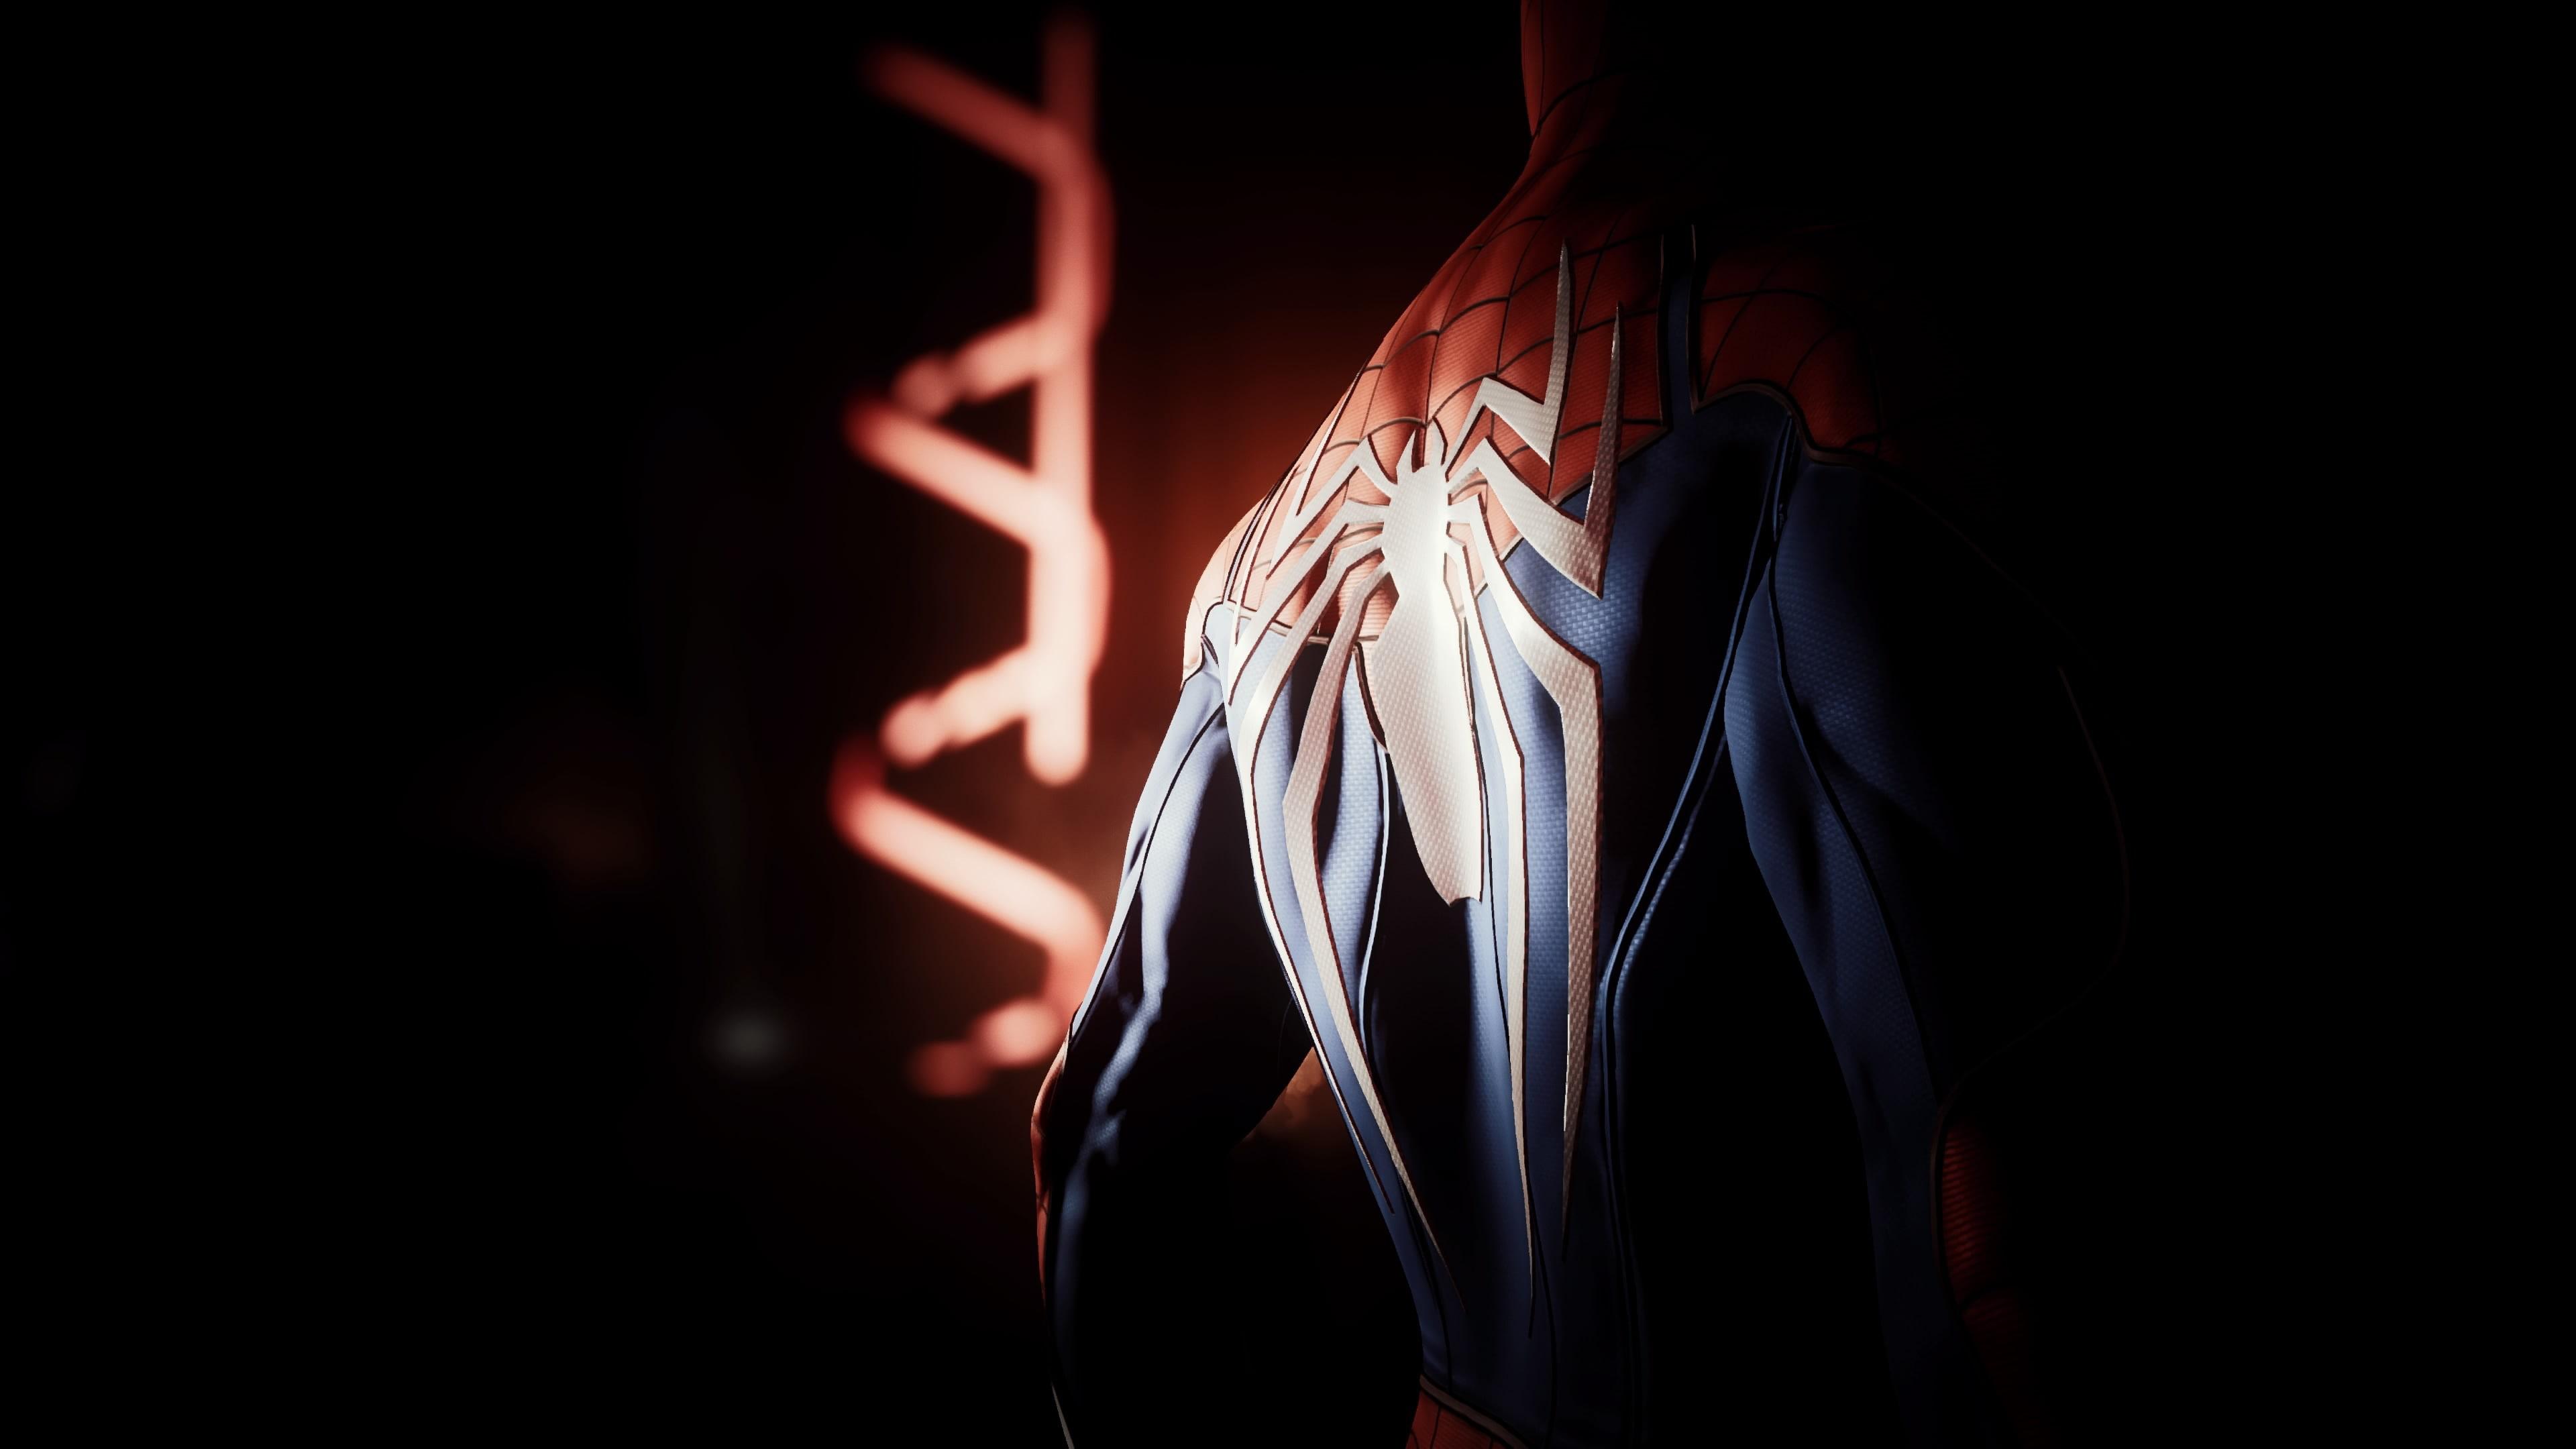 Spider Man Ps4 4k - HD Wallpaper